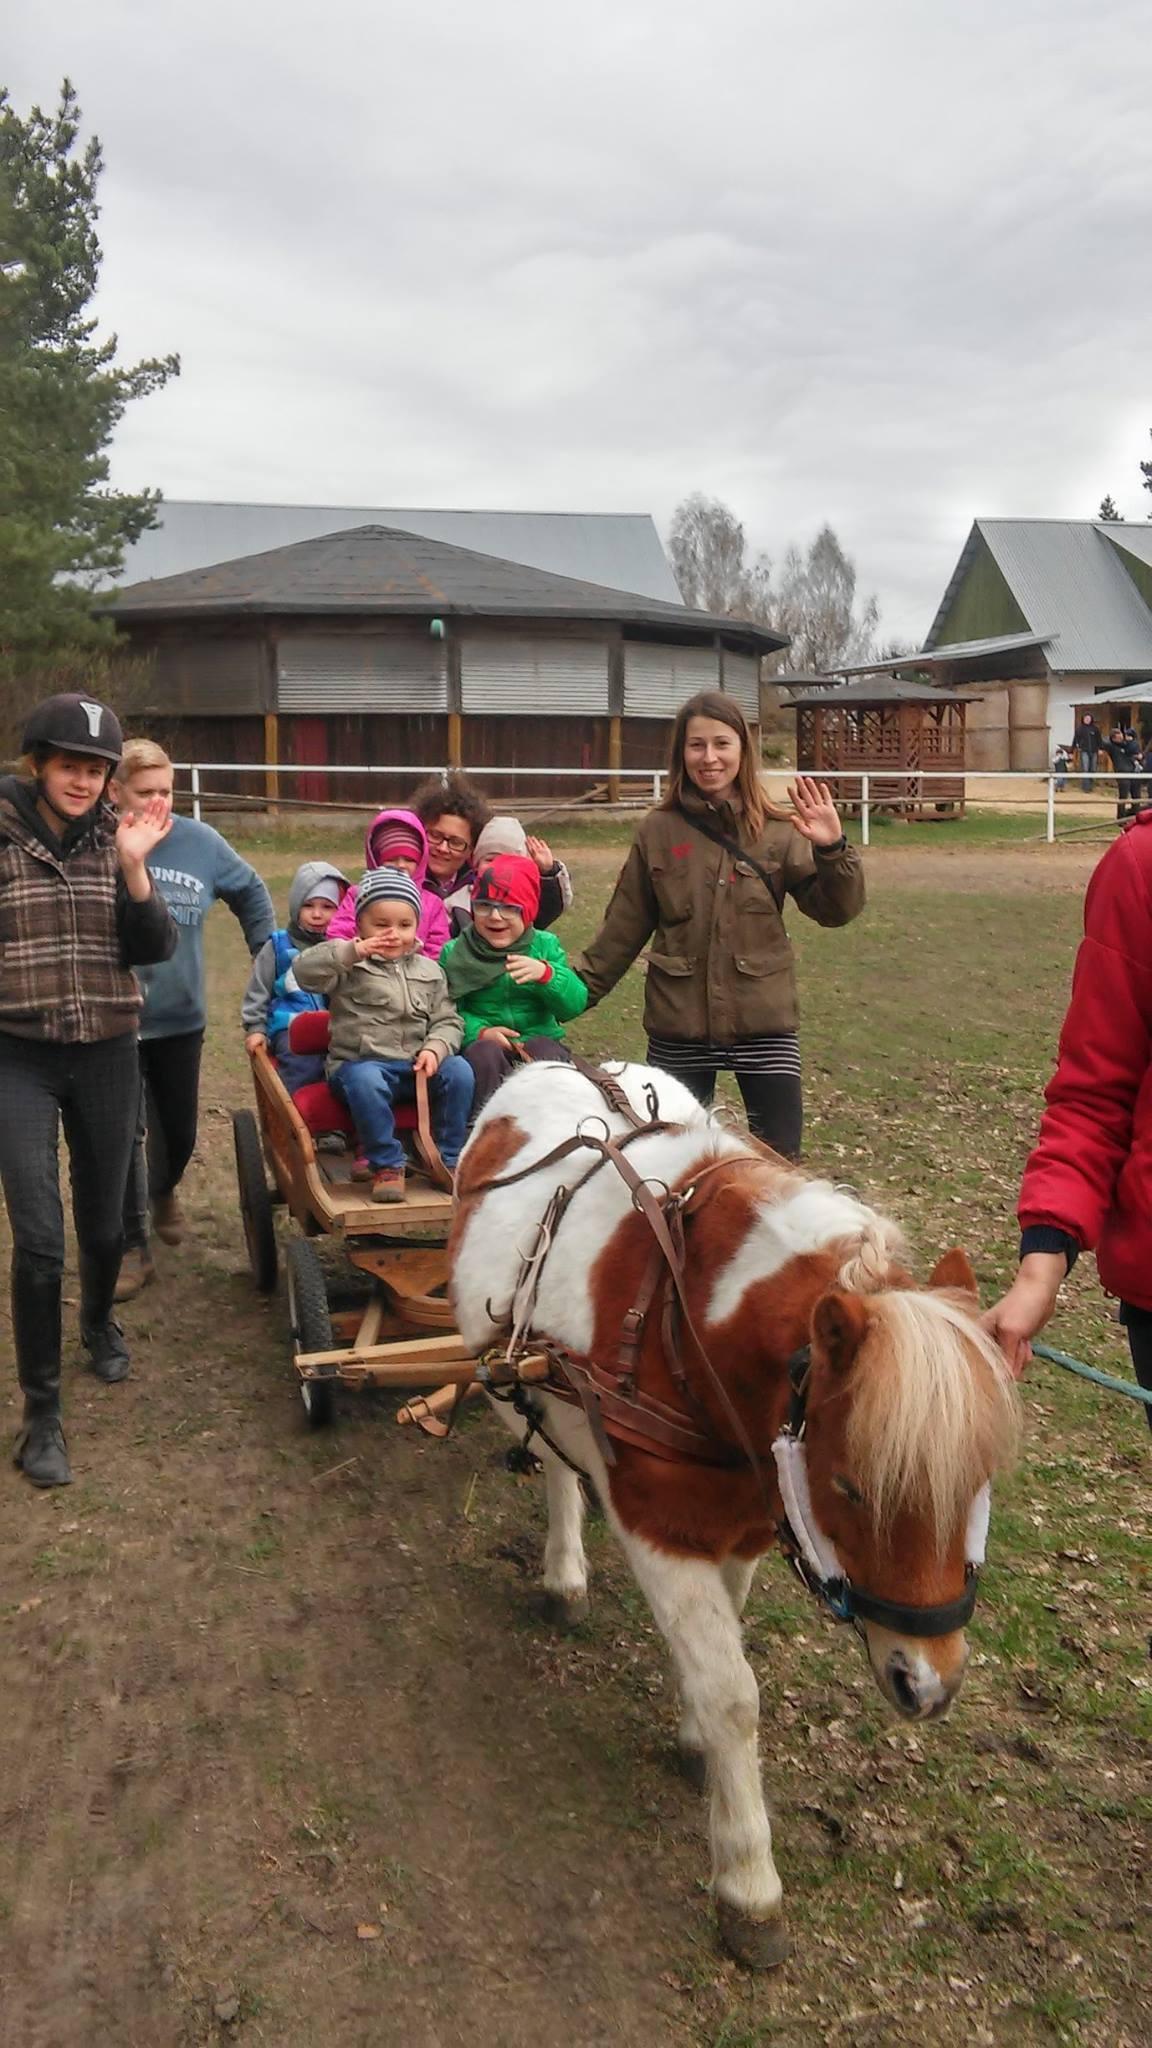 Nauka jazdy konnej - wady i zalety | Mangosteen